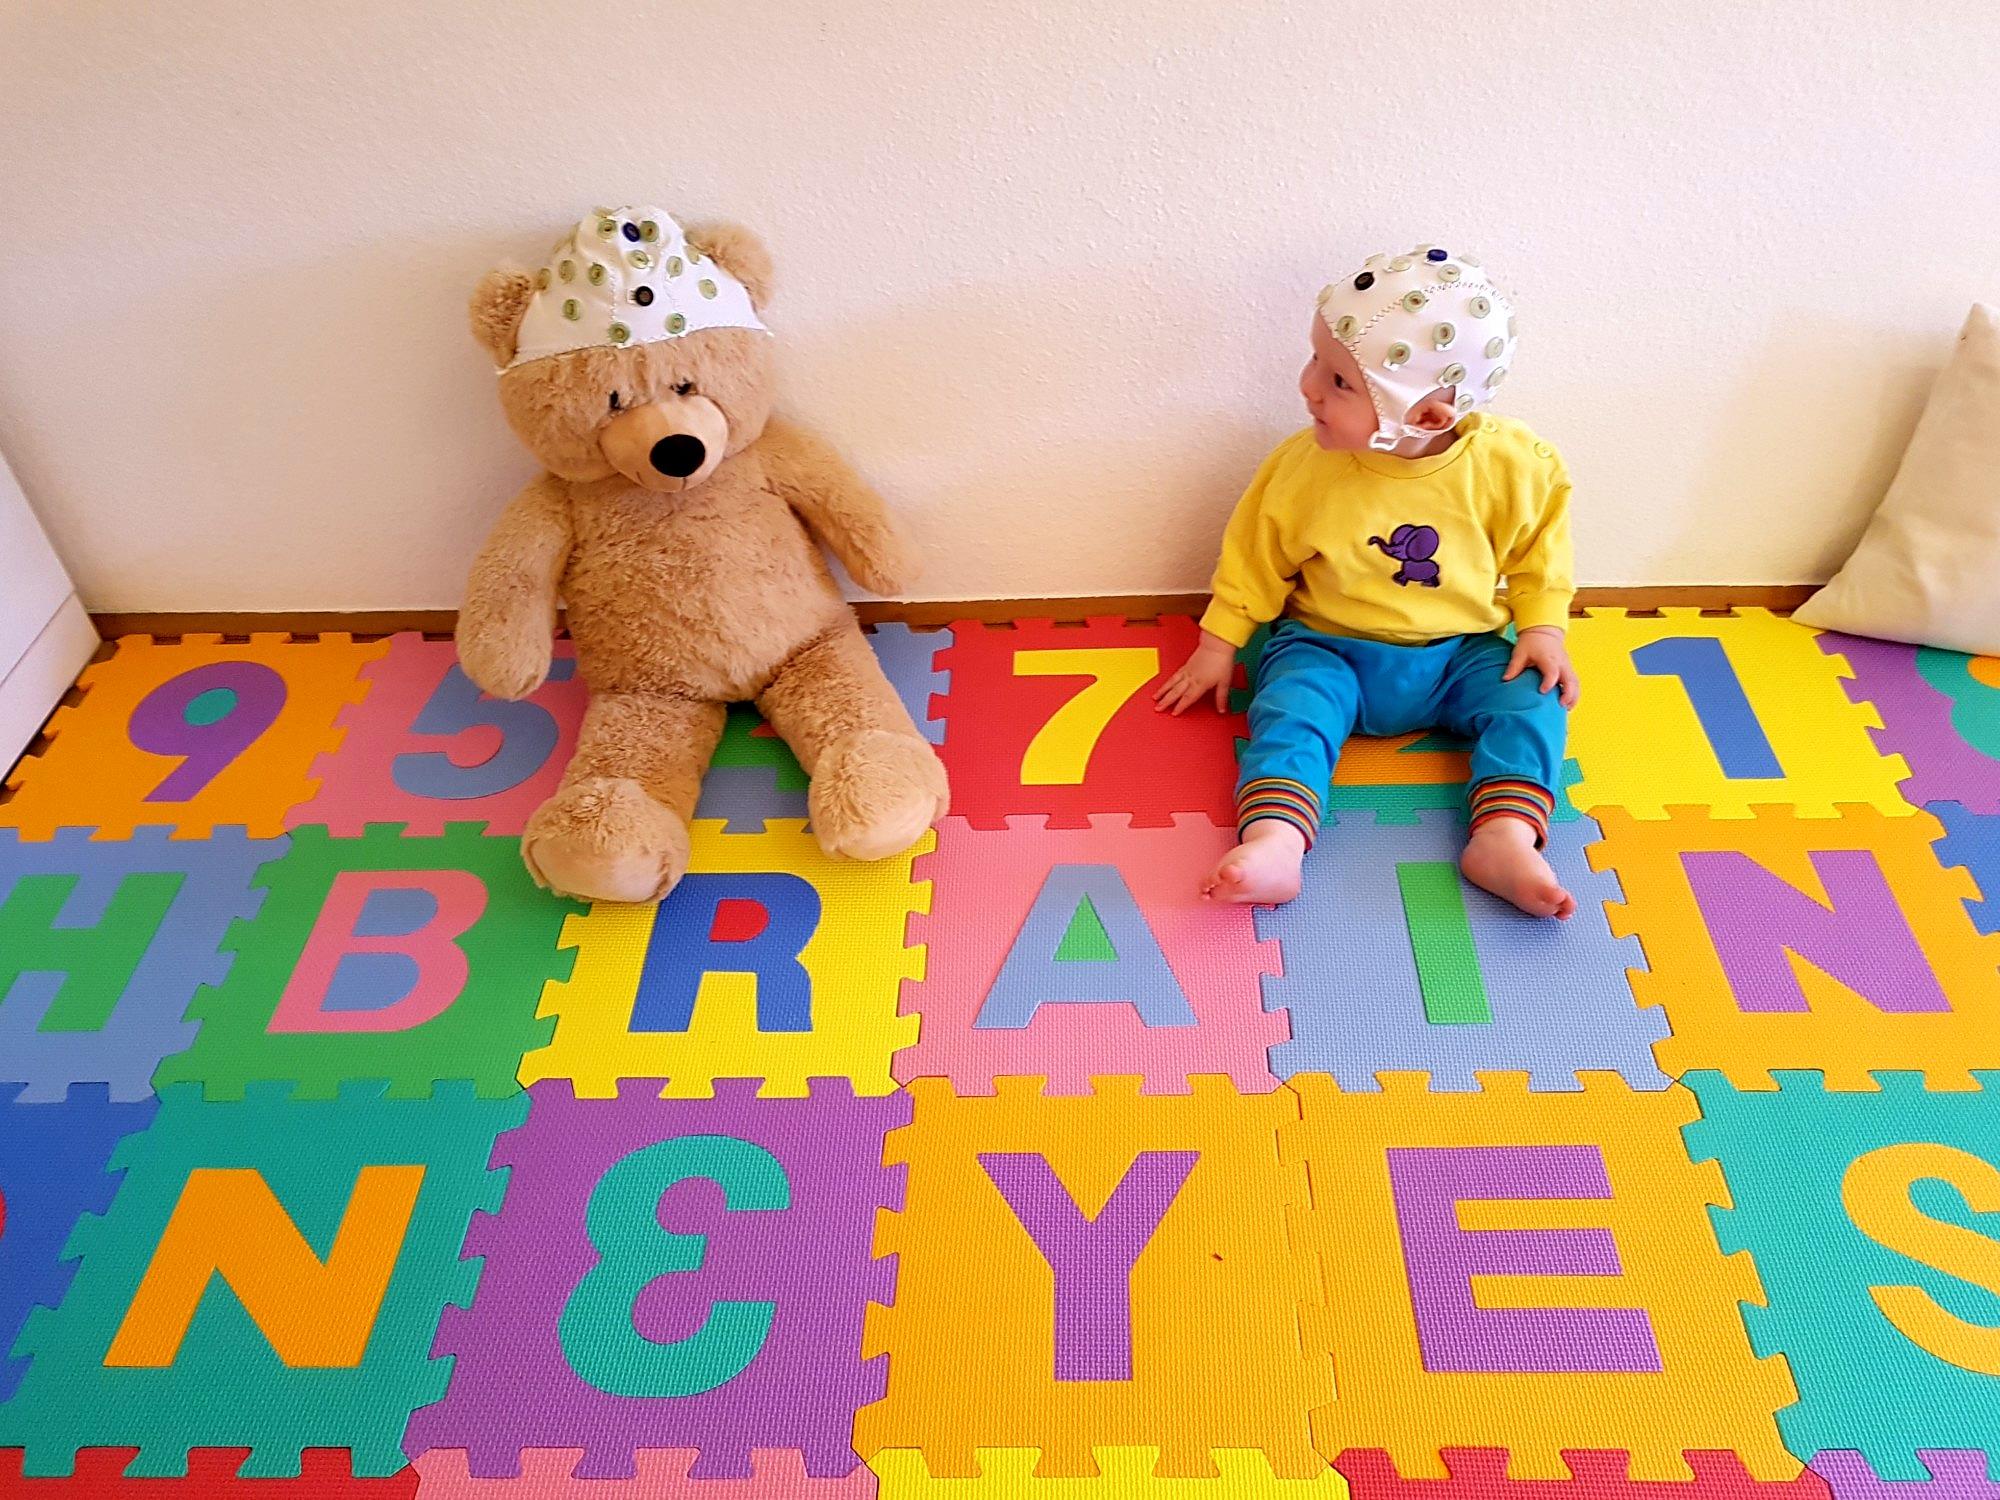 """Ein Baby mit EEG-Haube sitzt neben einem Tedyybären mit EEG-Haube auf einer Matte, auf der """"Brain"""" steht"""